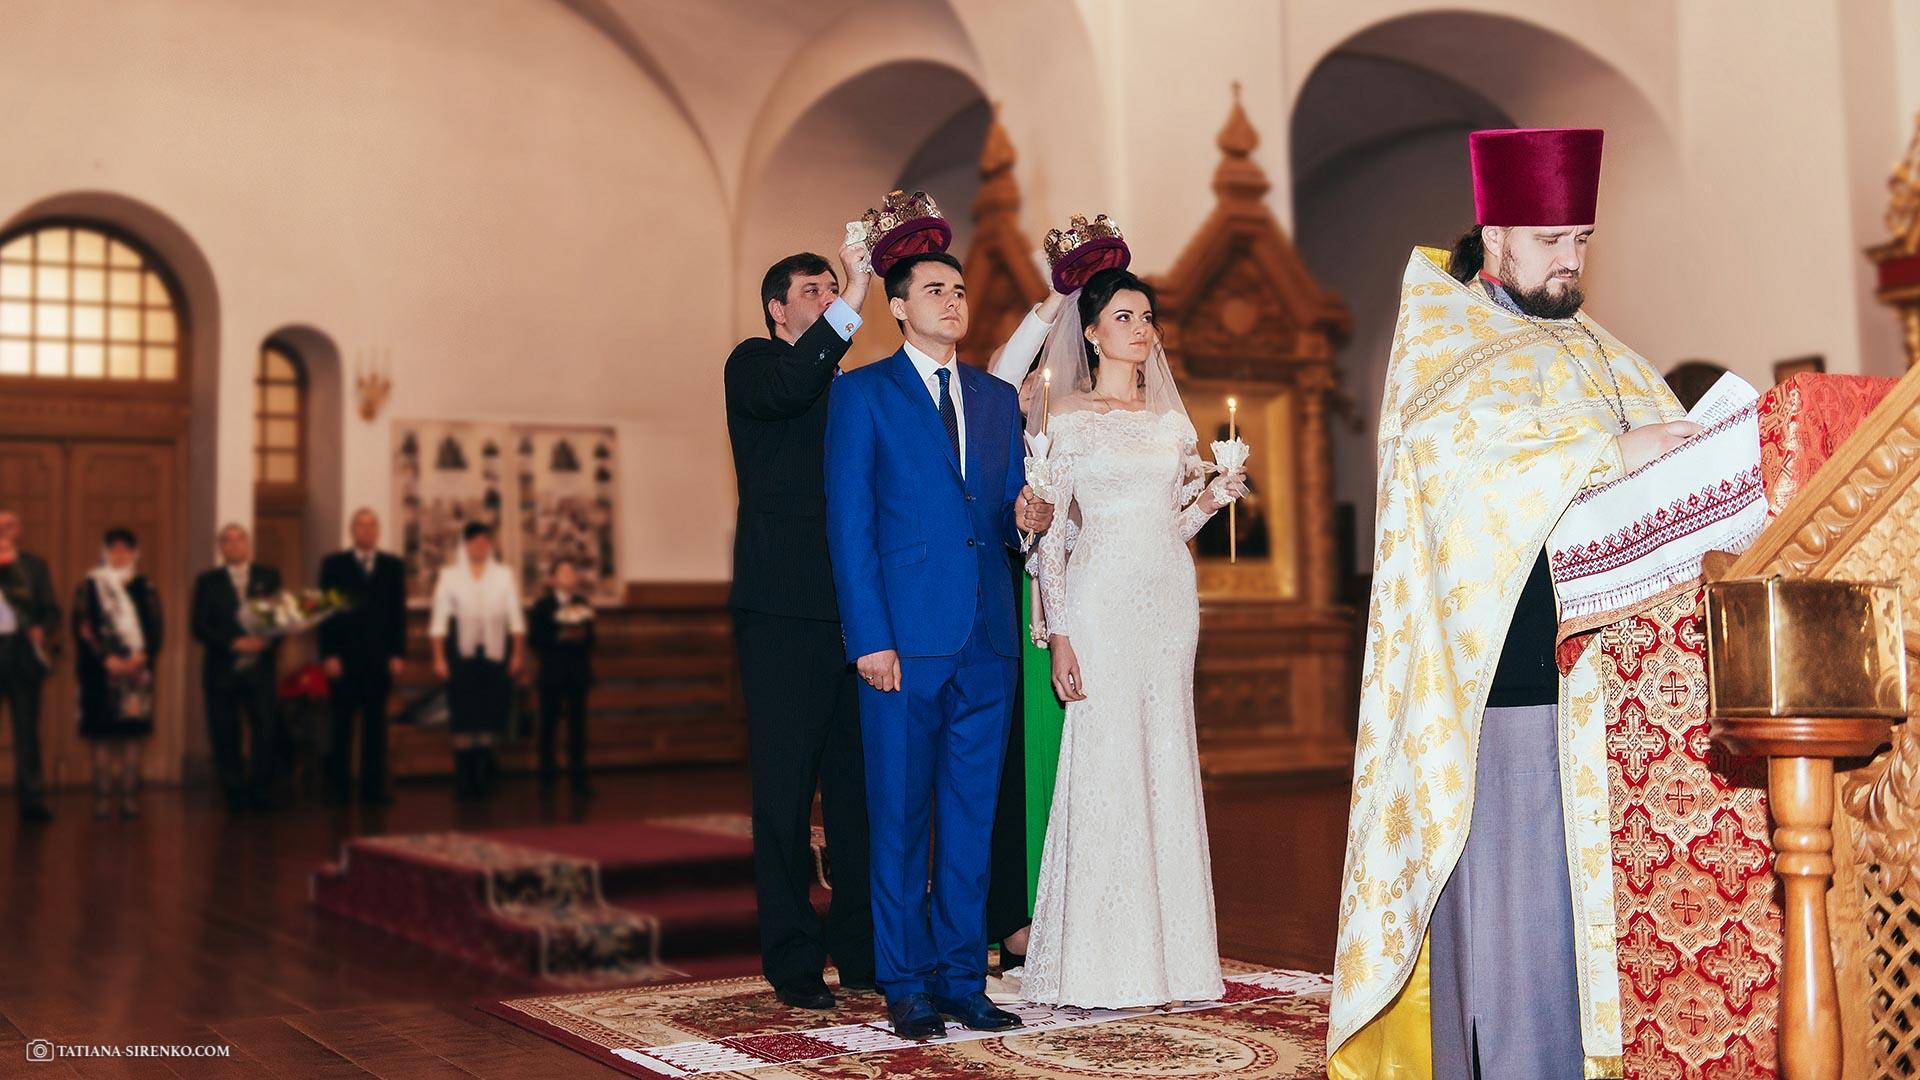 Фотосессия венчания в Киеве